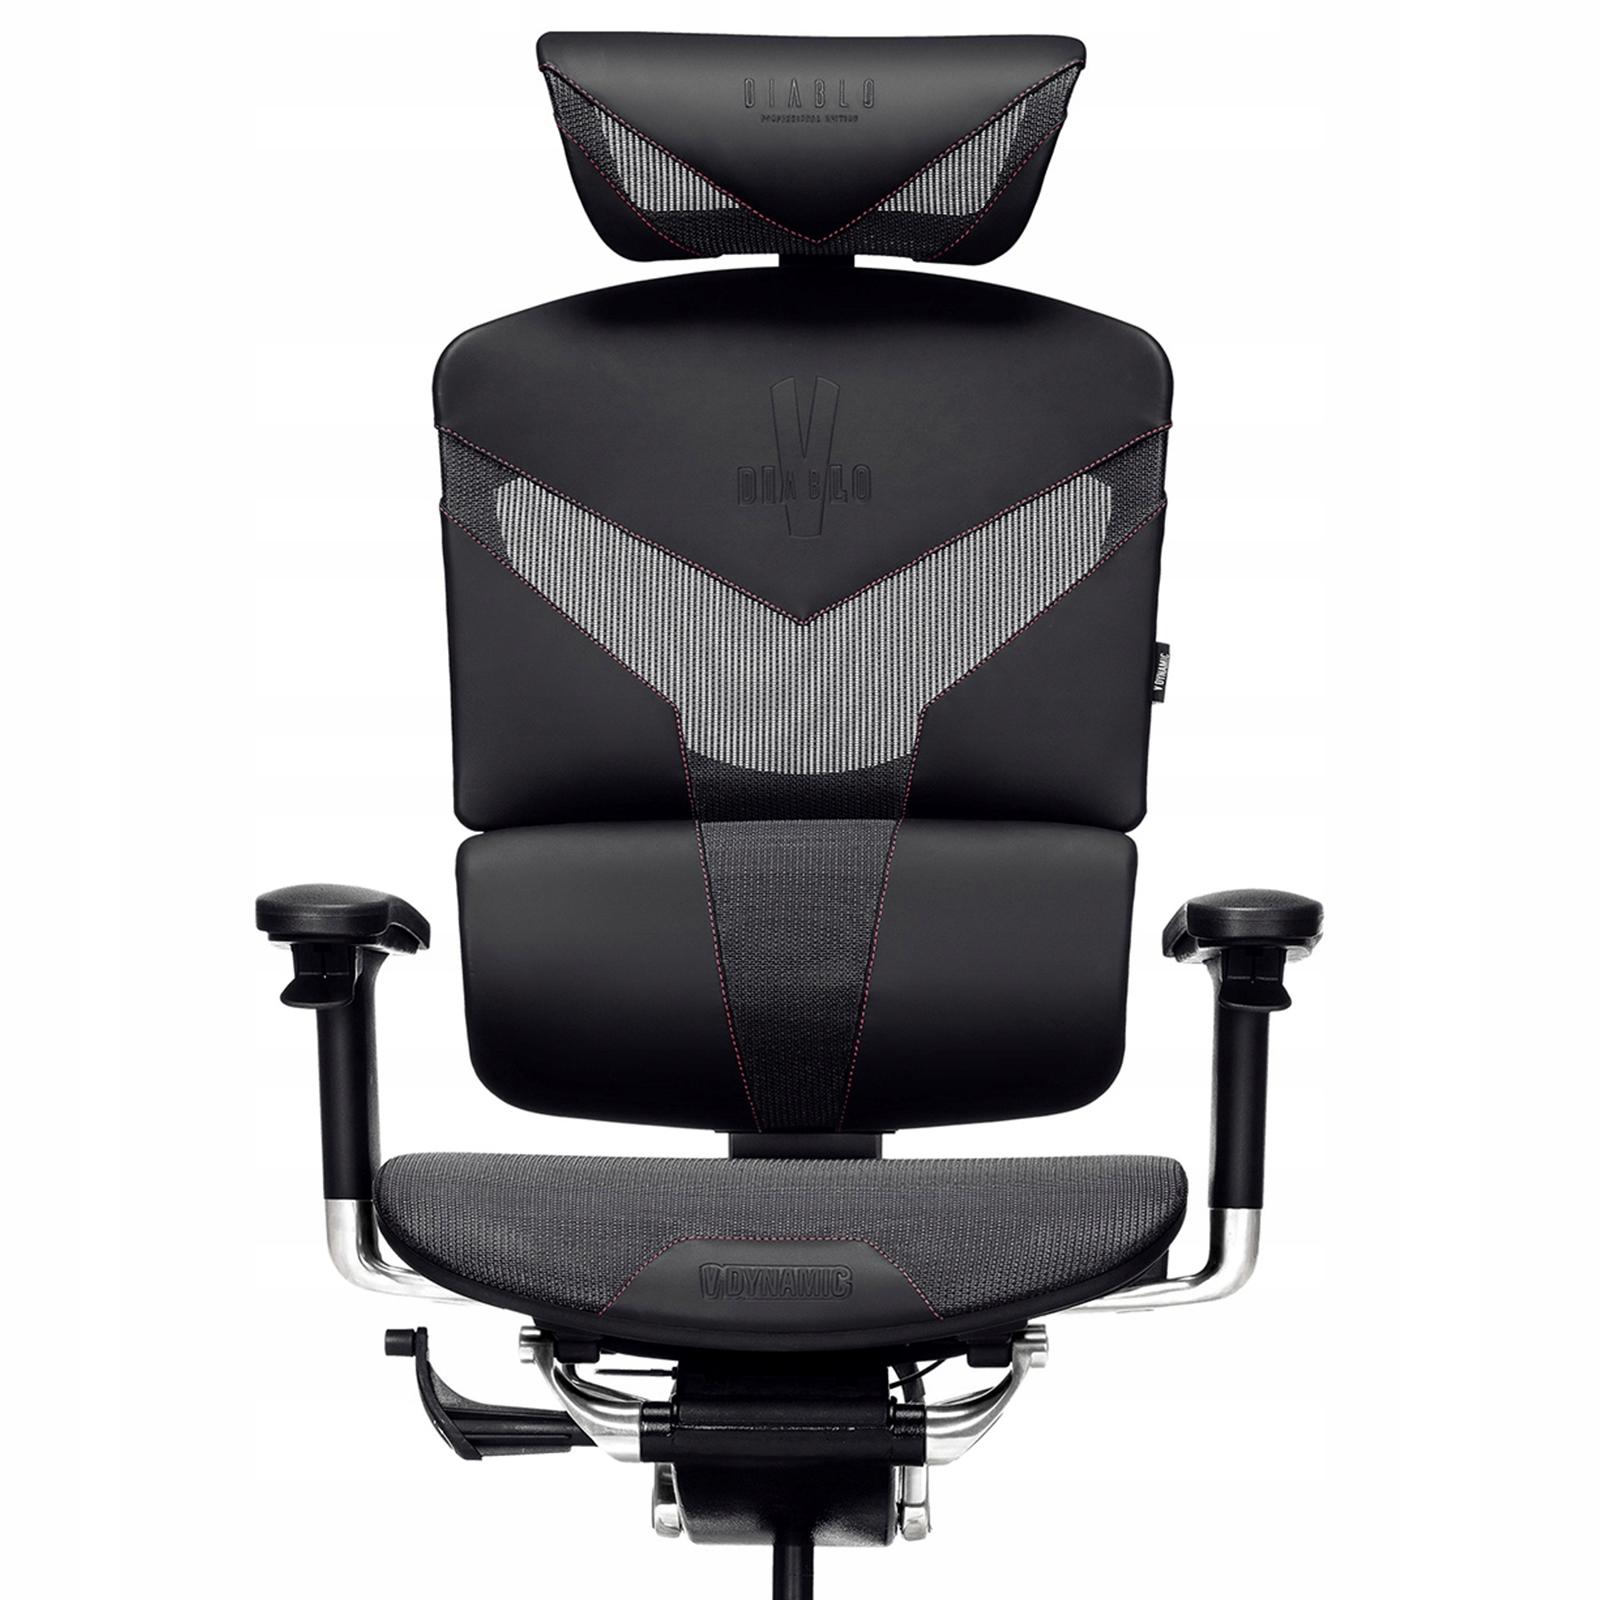 Fotel Biurowy KrzesŁo Ergonomiczne Obrotowe Diablo